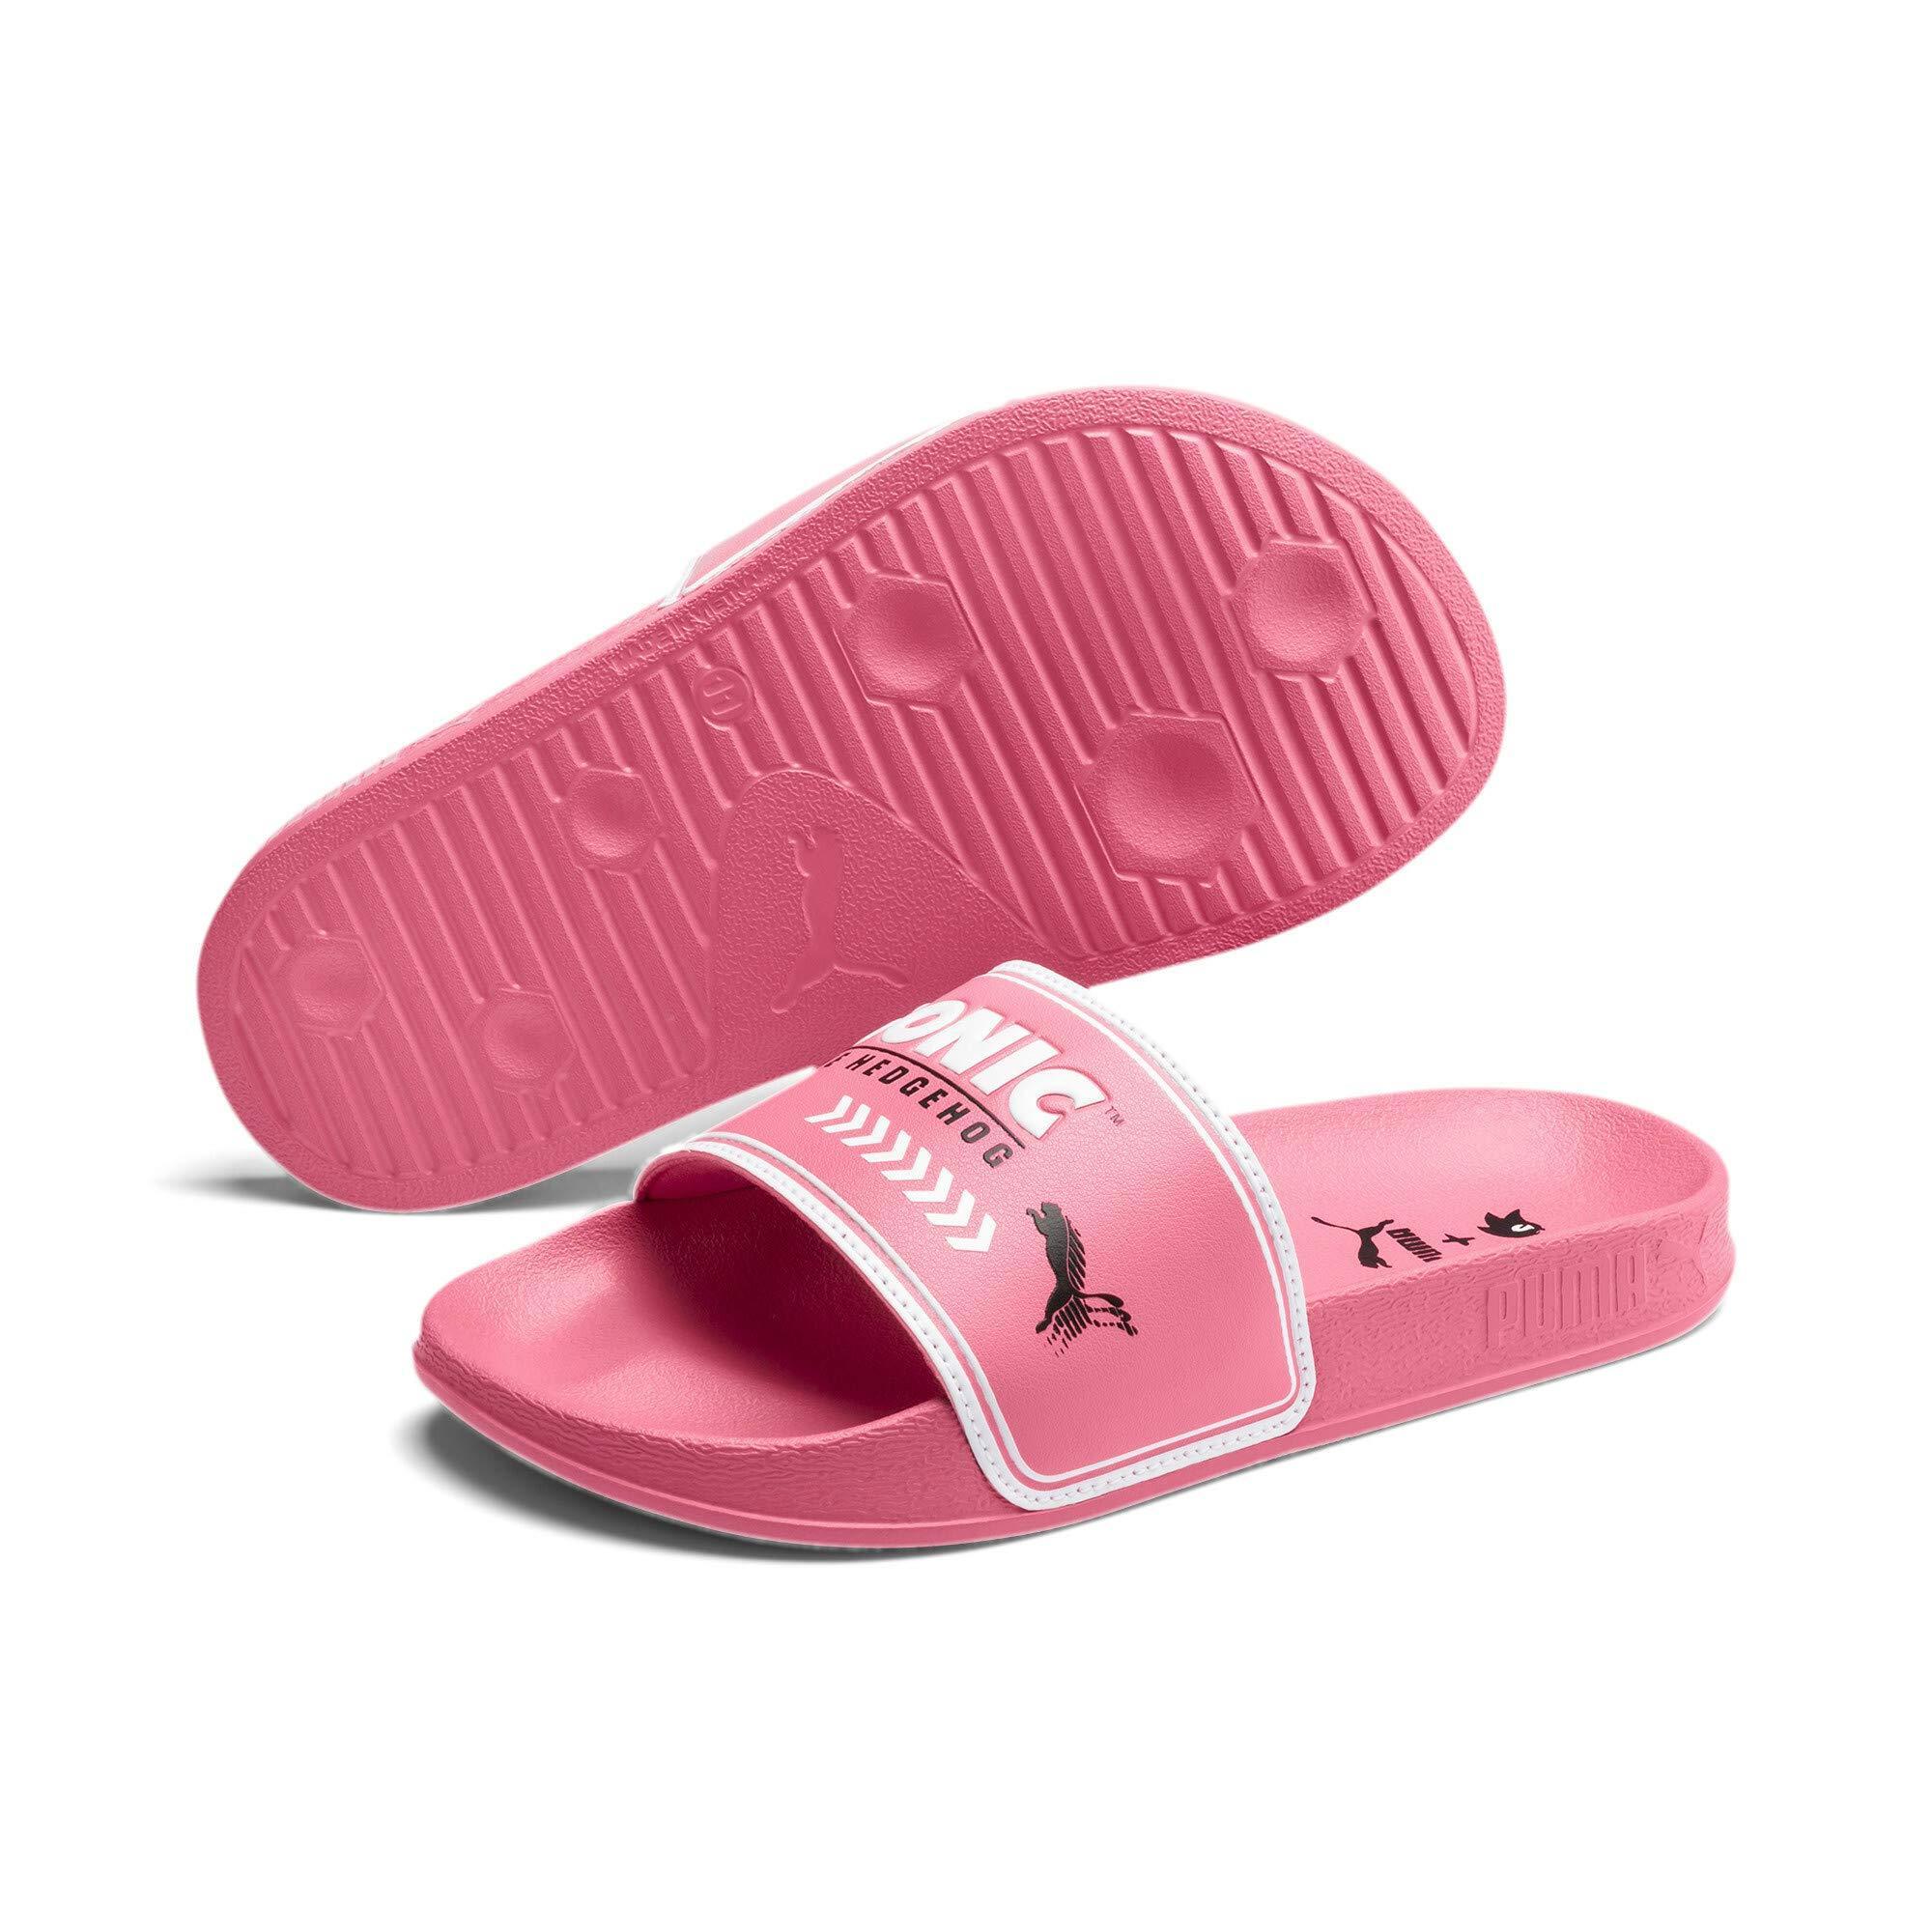 Zapatos de Playa y Piscina Unisex ni/ños PUMA Leadcat FTR PS